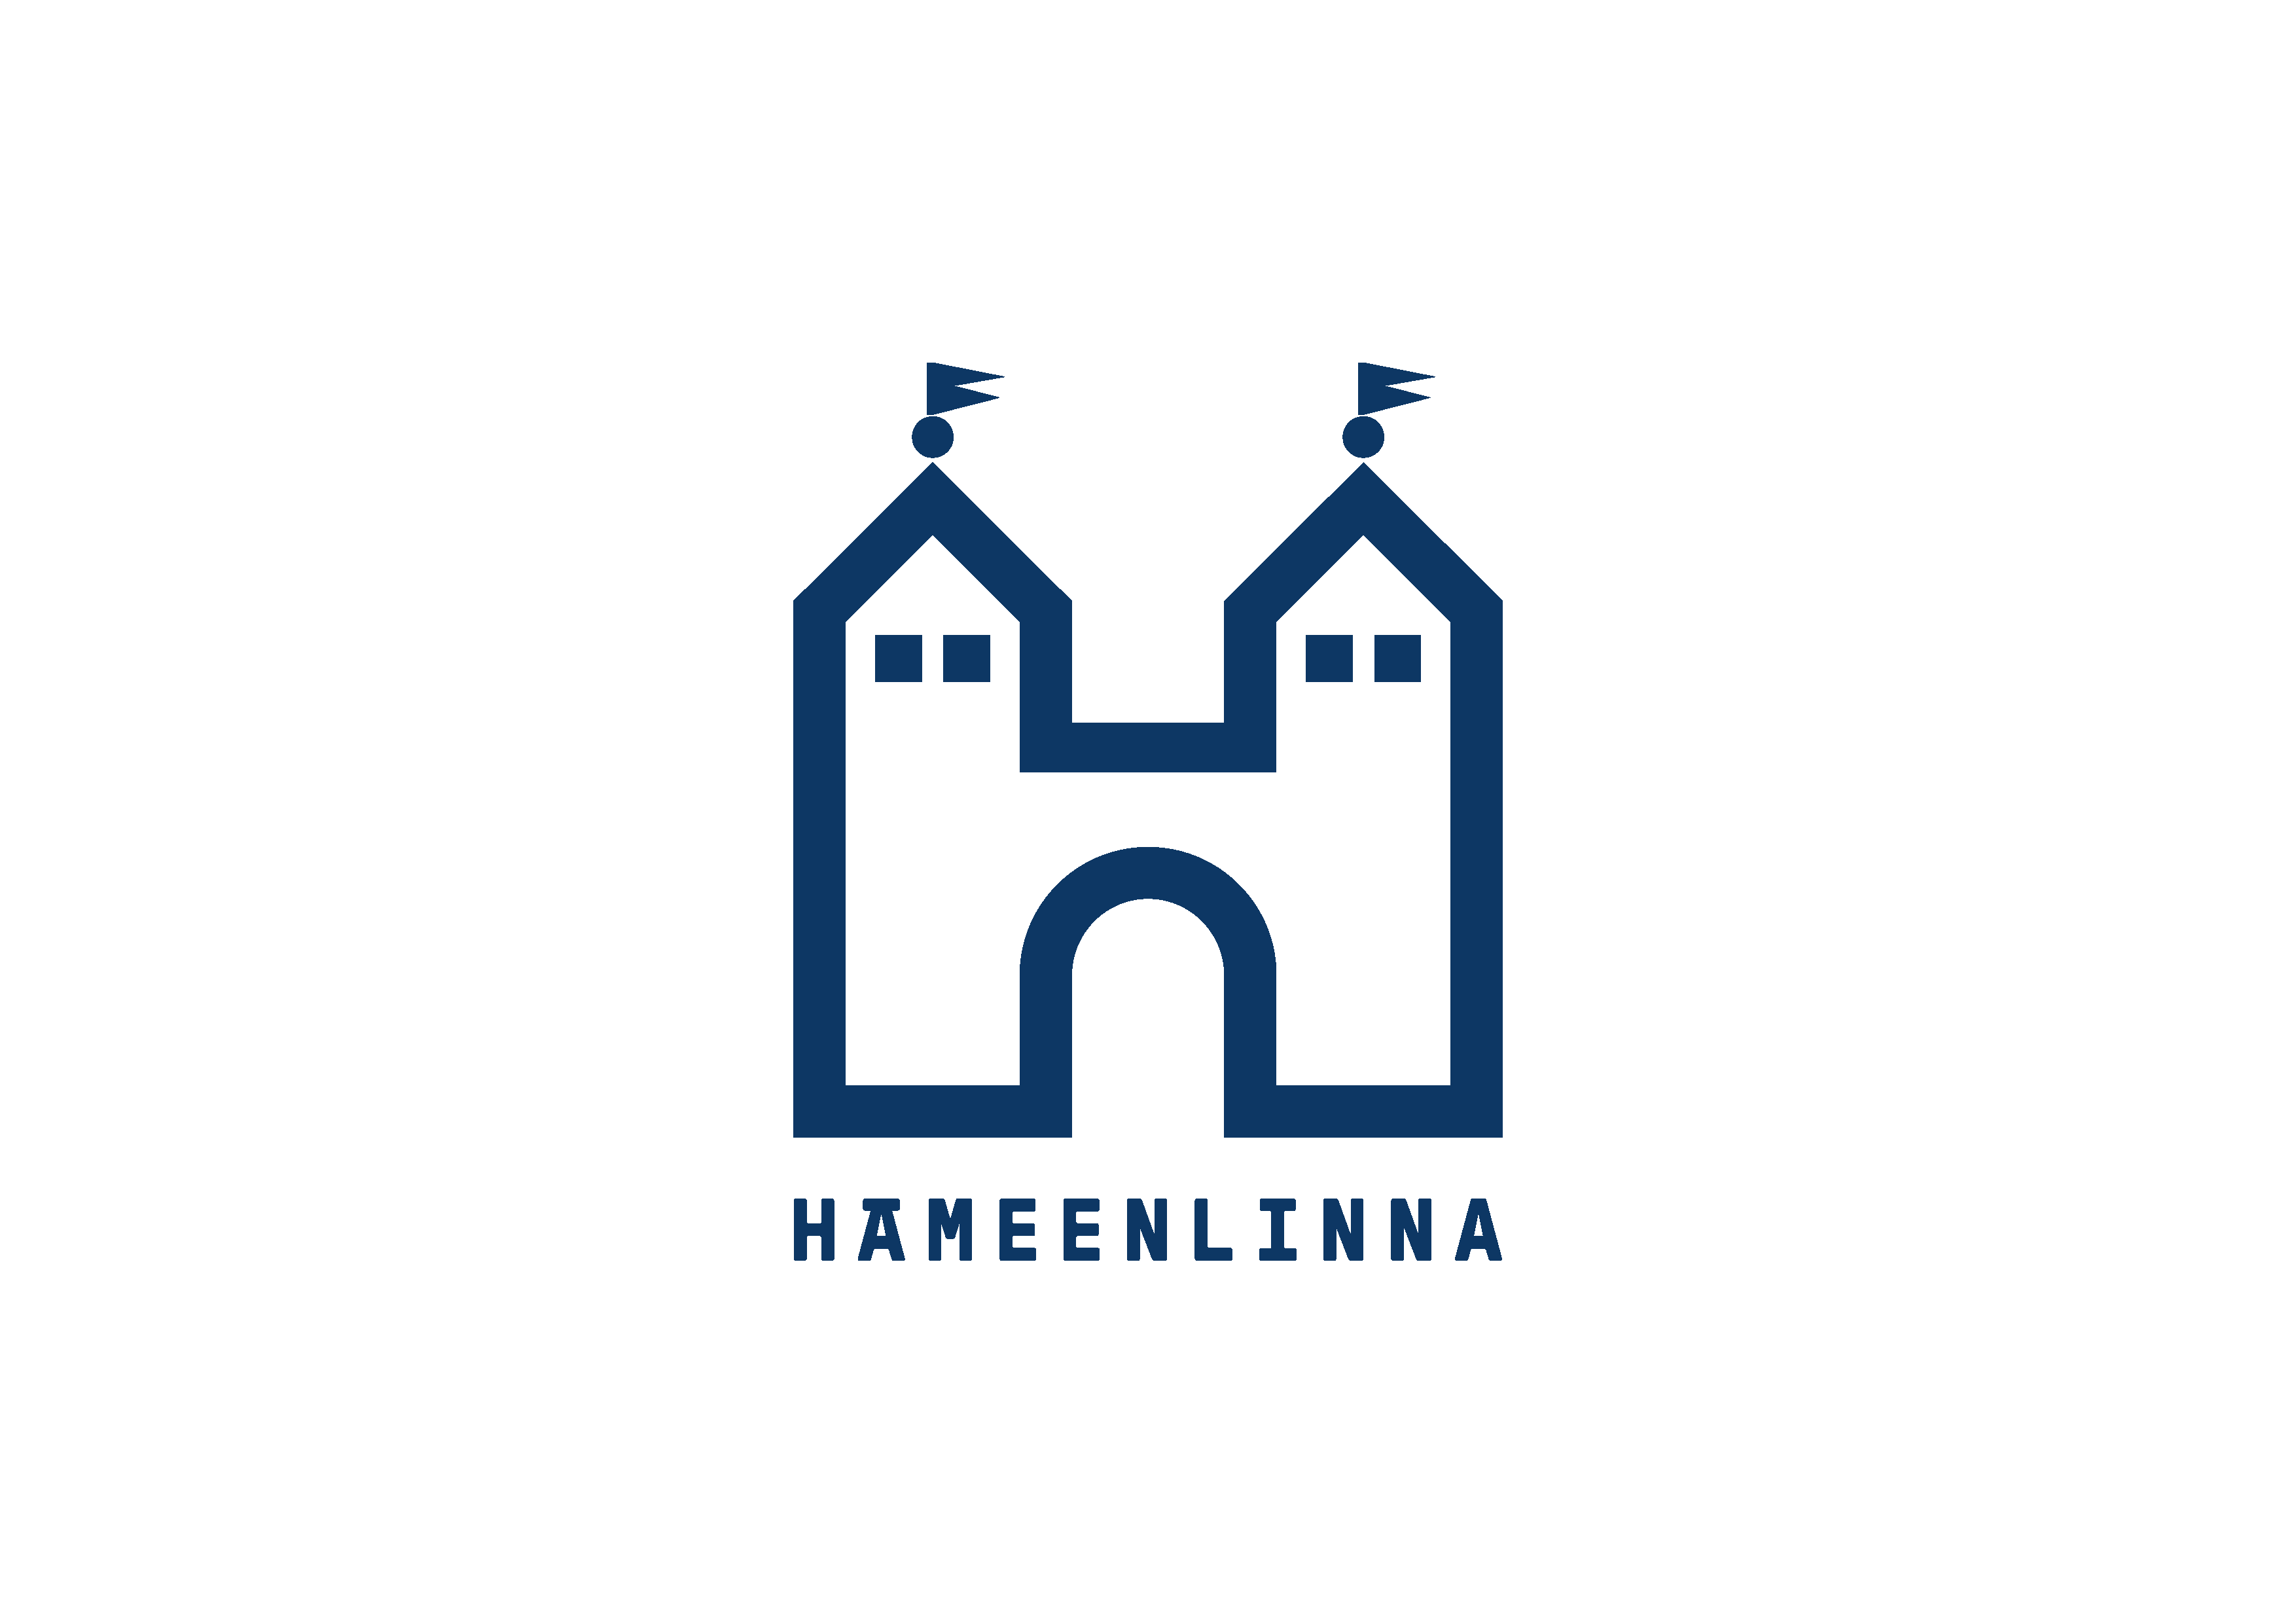 https://hameenlinnantennisseura.fi/wp-content/uploads/2021/04/HML_Branditunnus_CMYK2_SININEN.png